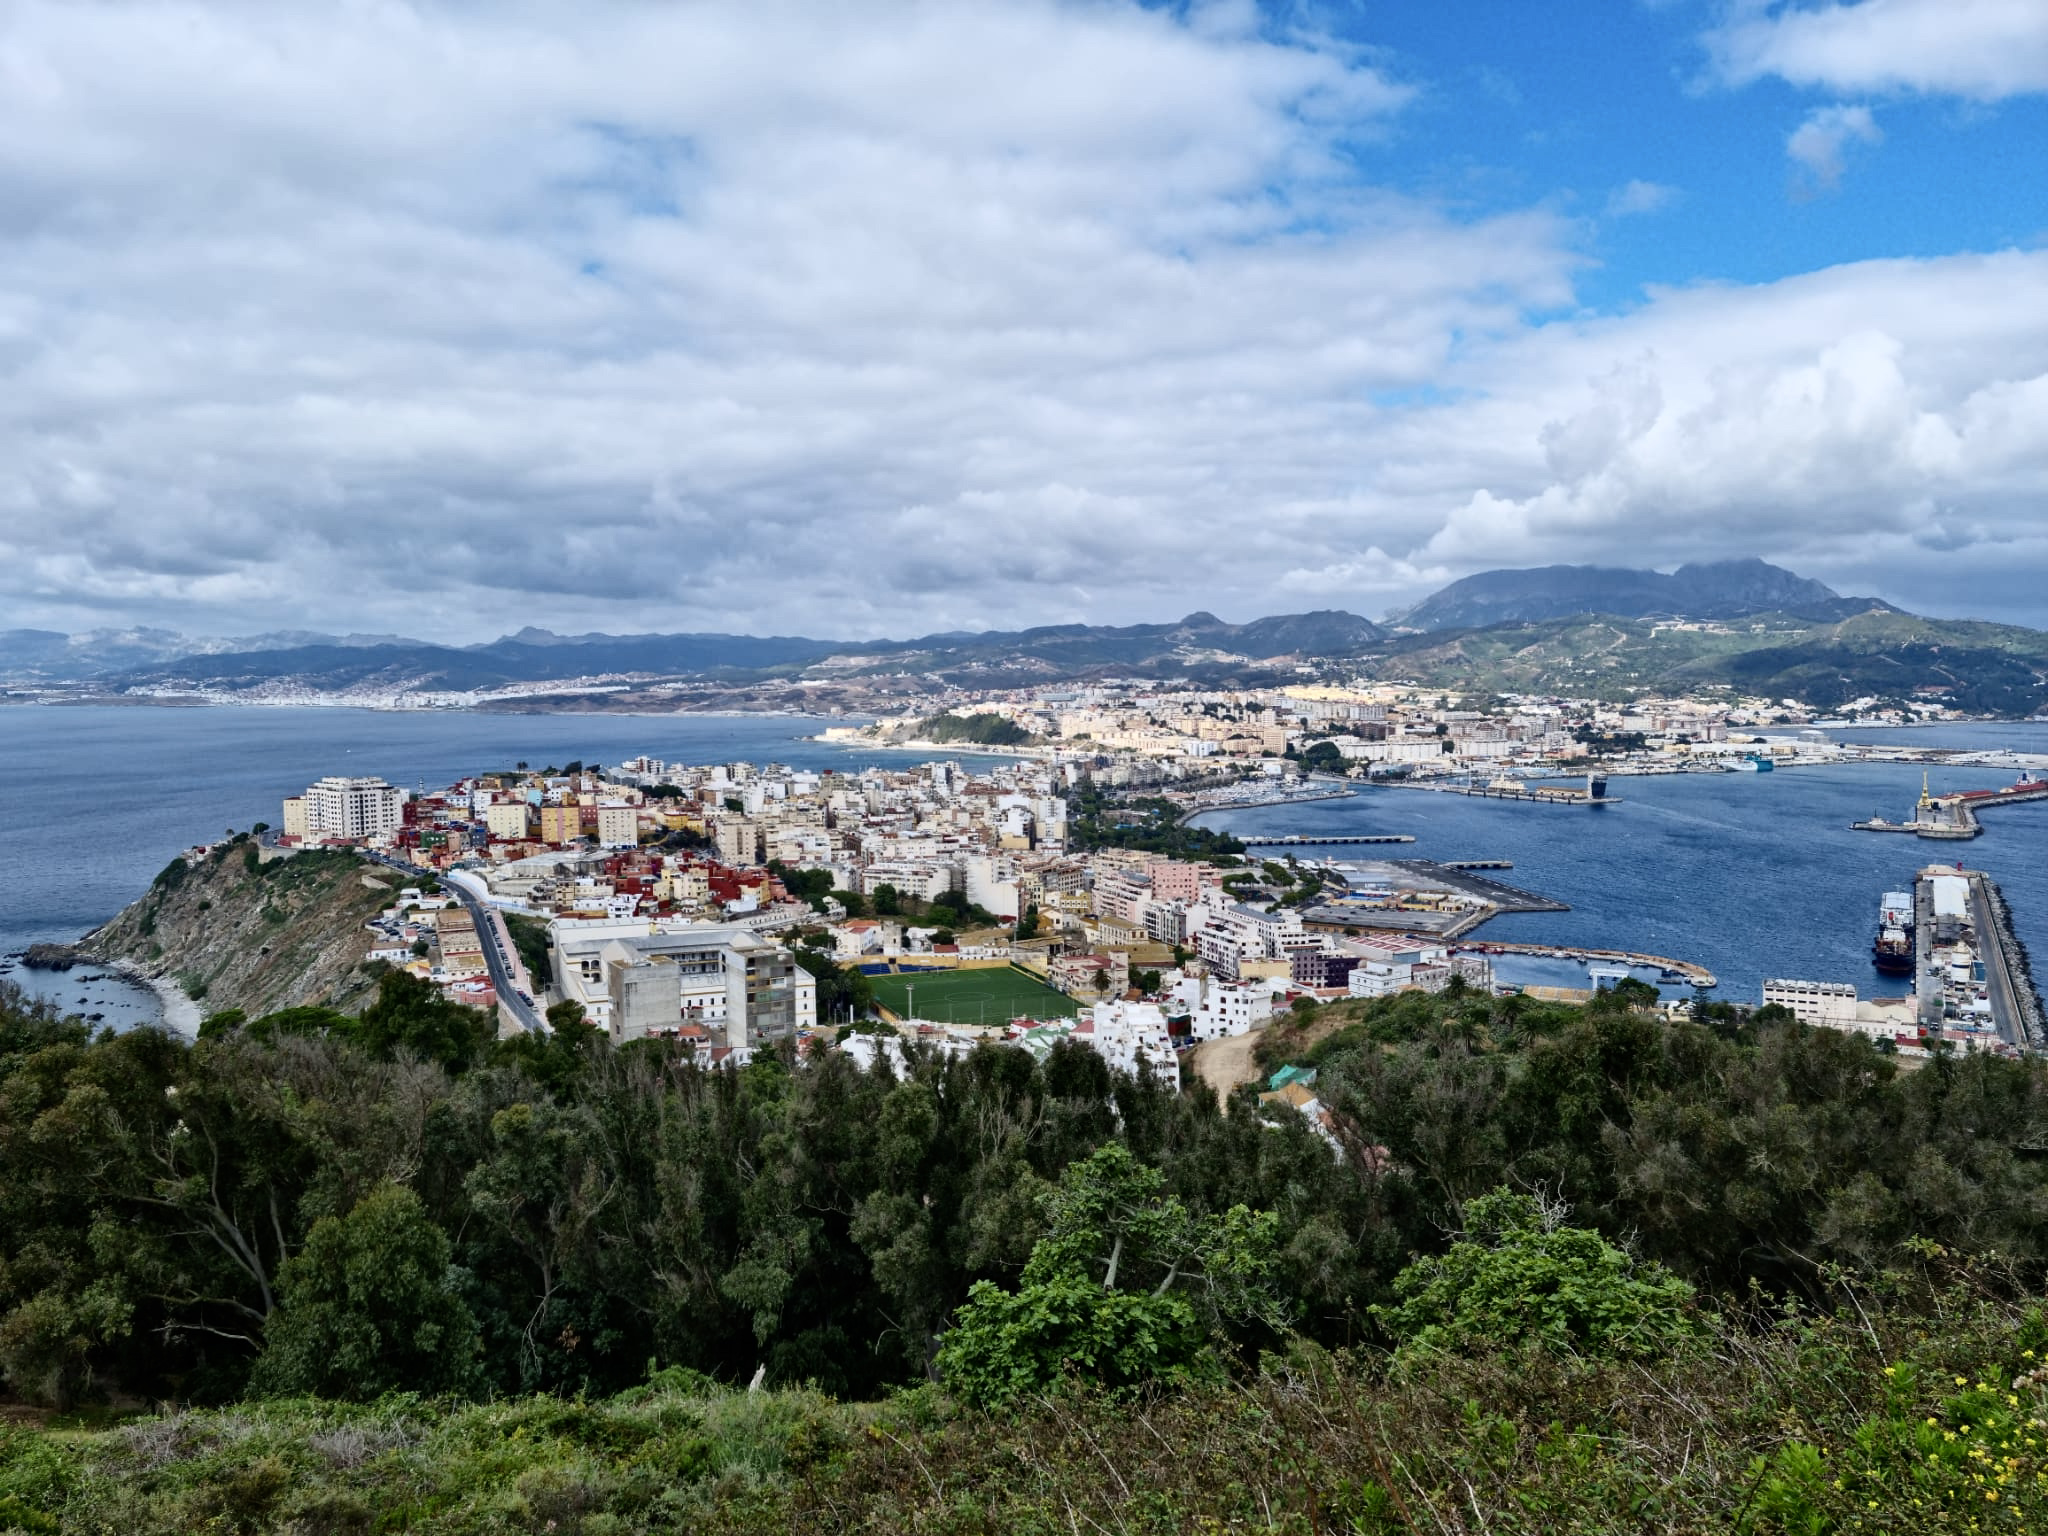 Ceuta – omstridt perle mellom hav og kontinenter